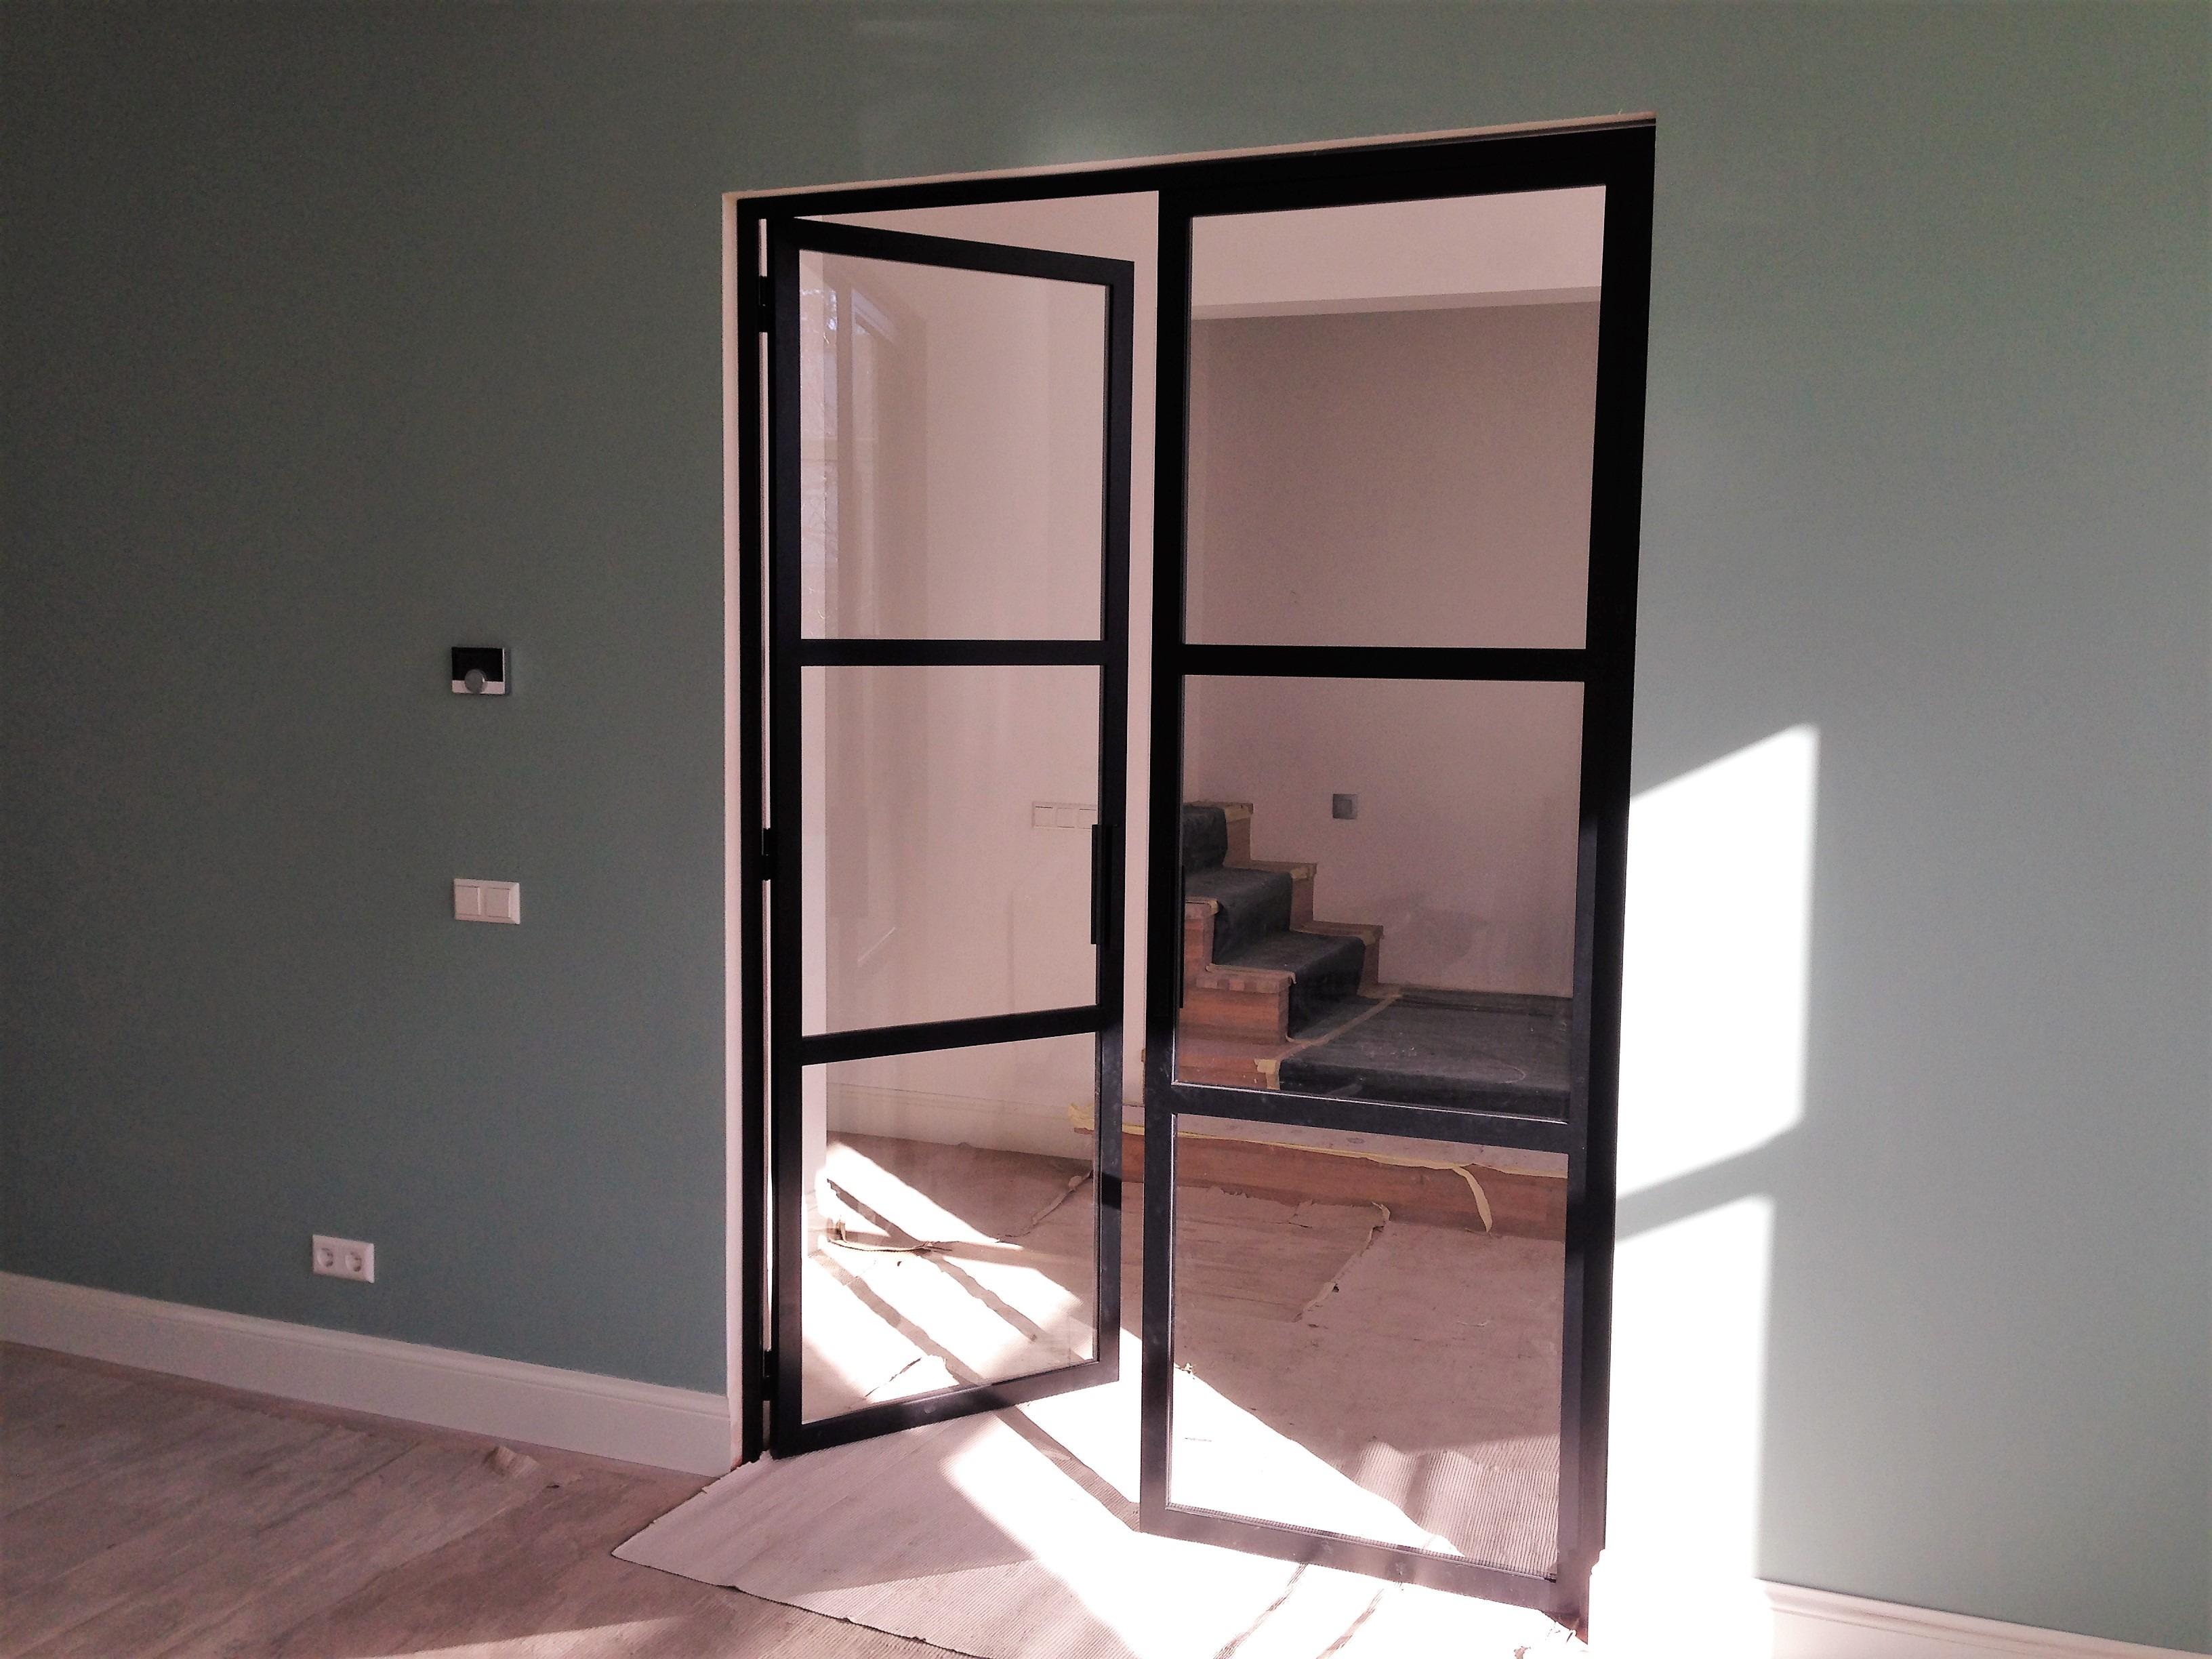 Voorbeeld van dubbele stalen deuren. Dubbele stalen scharnierdeuren met een 3 vlakkenverdeling